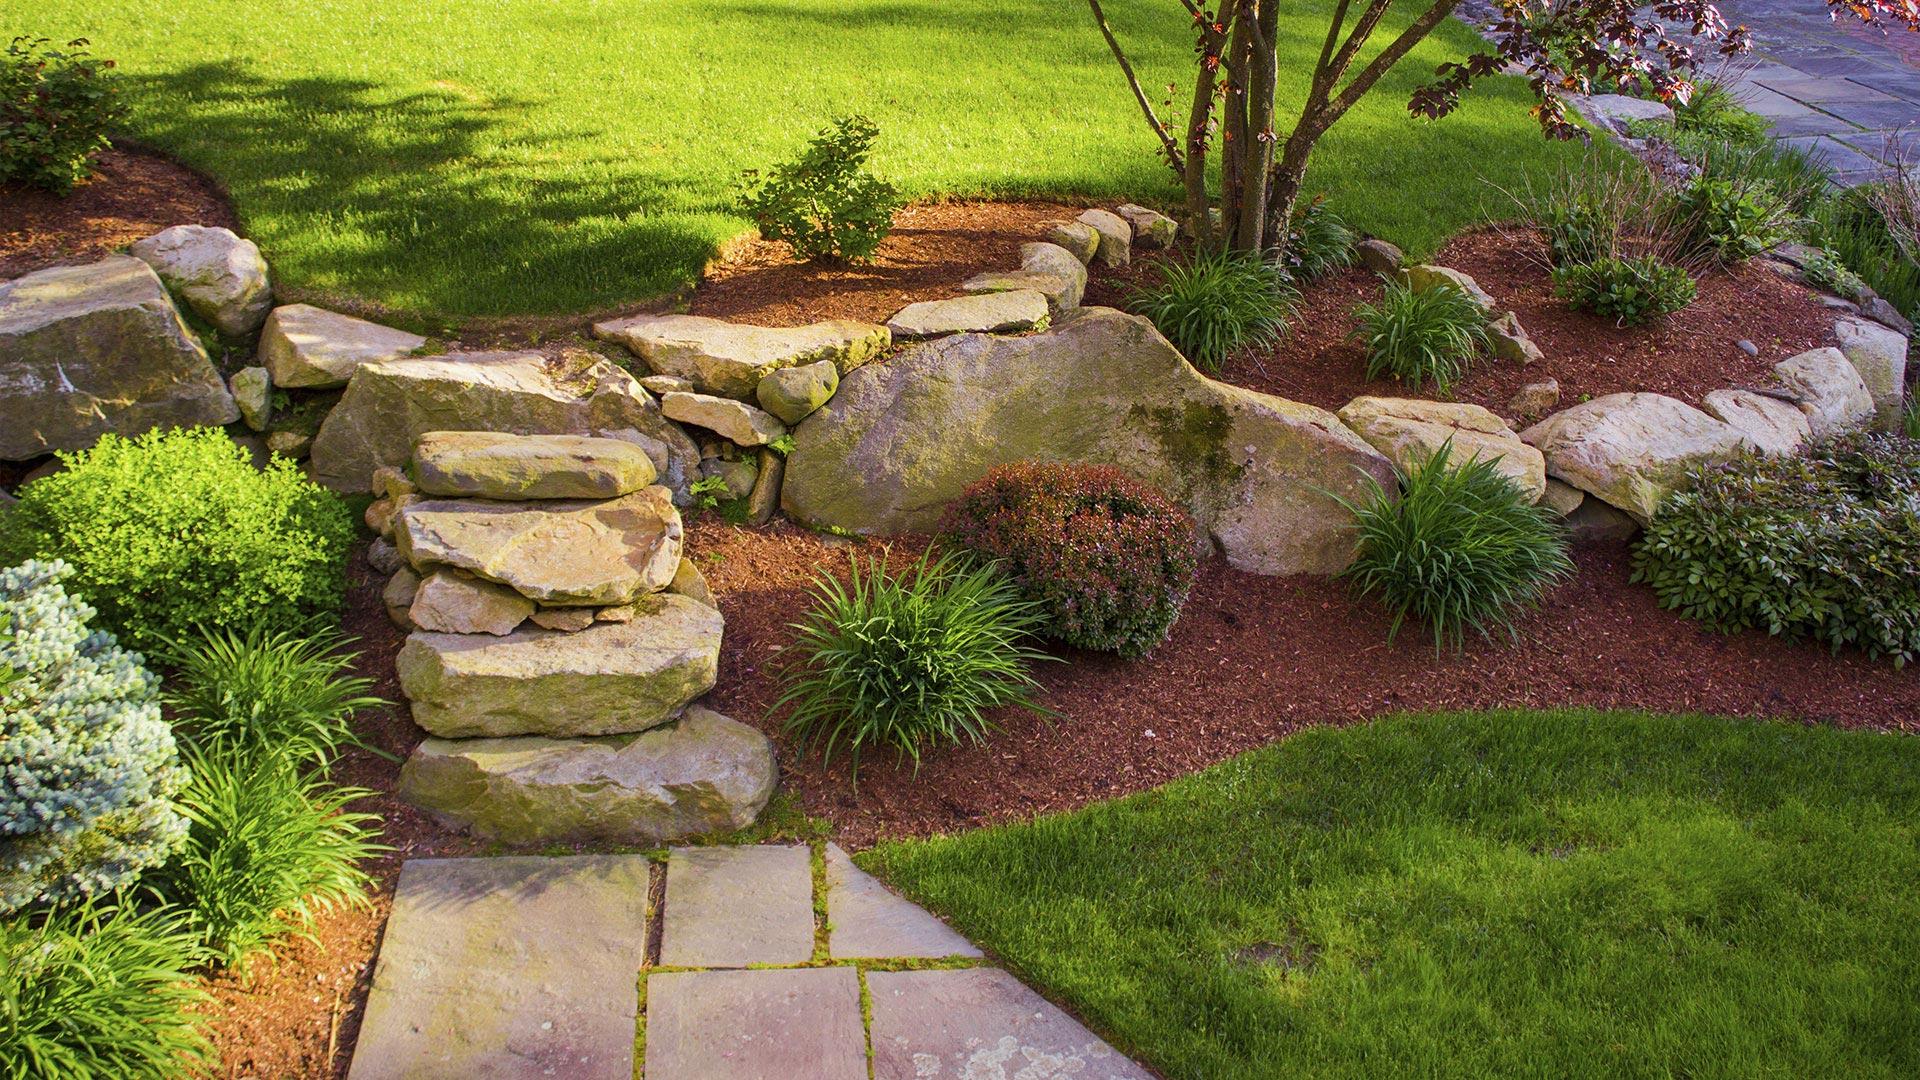 TJP Enterprises Inc. Landscaping, Commercial Landscaping and Irrigation slide 3